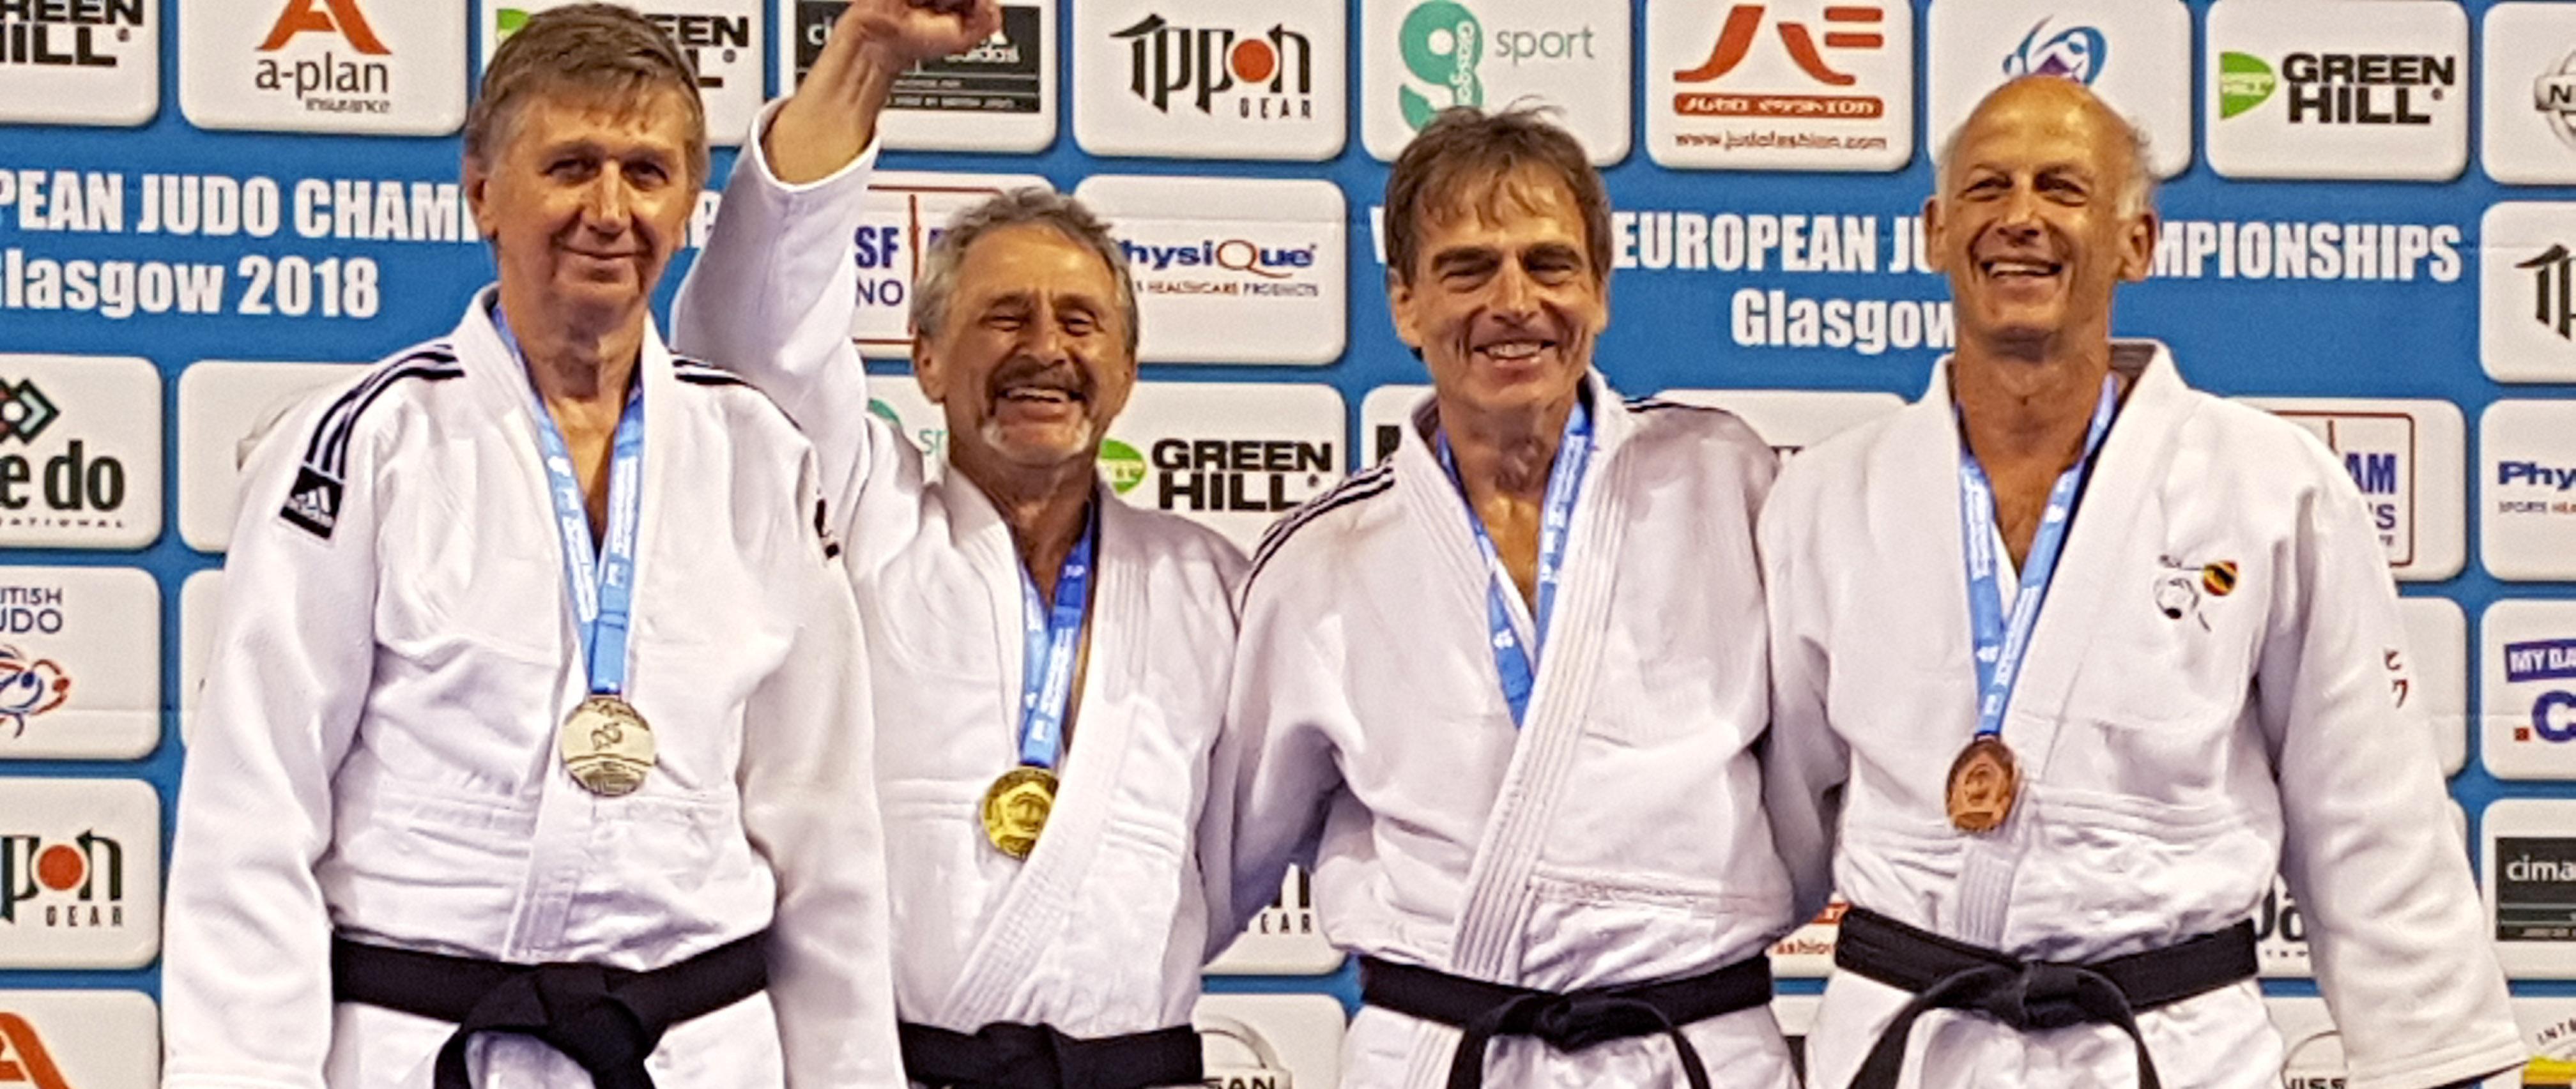 Judo-Europameisterschaft 2018 der Ü30-Veteranen in Glasgow